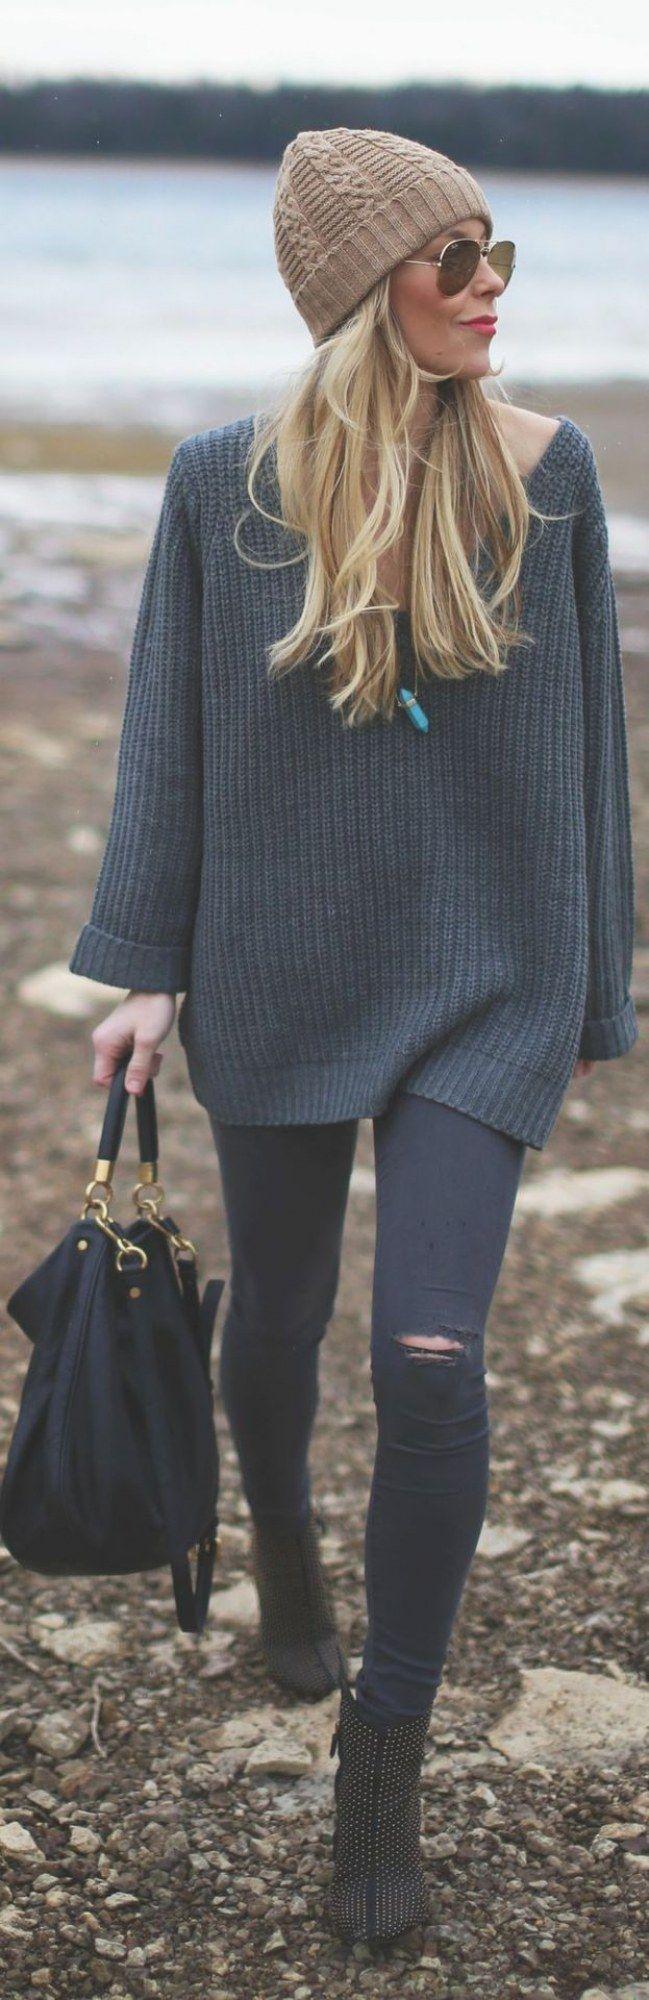 pinterest : ces looks d'hiver que l'on a aimés | automne, style et